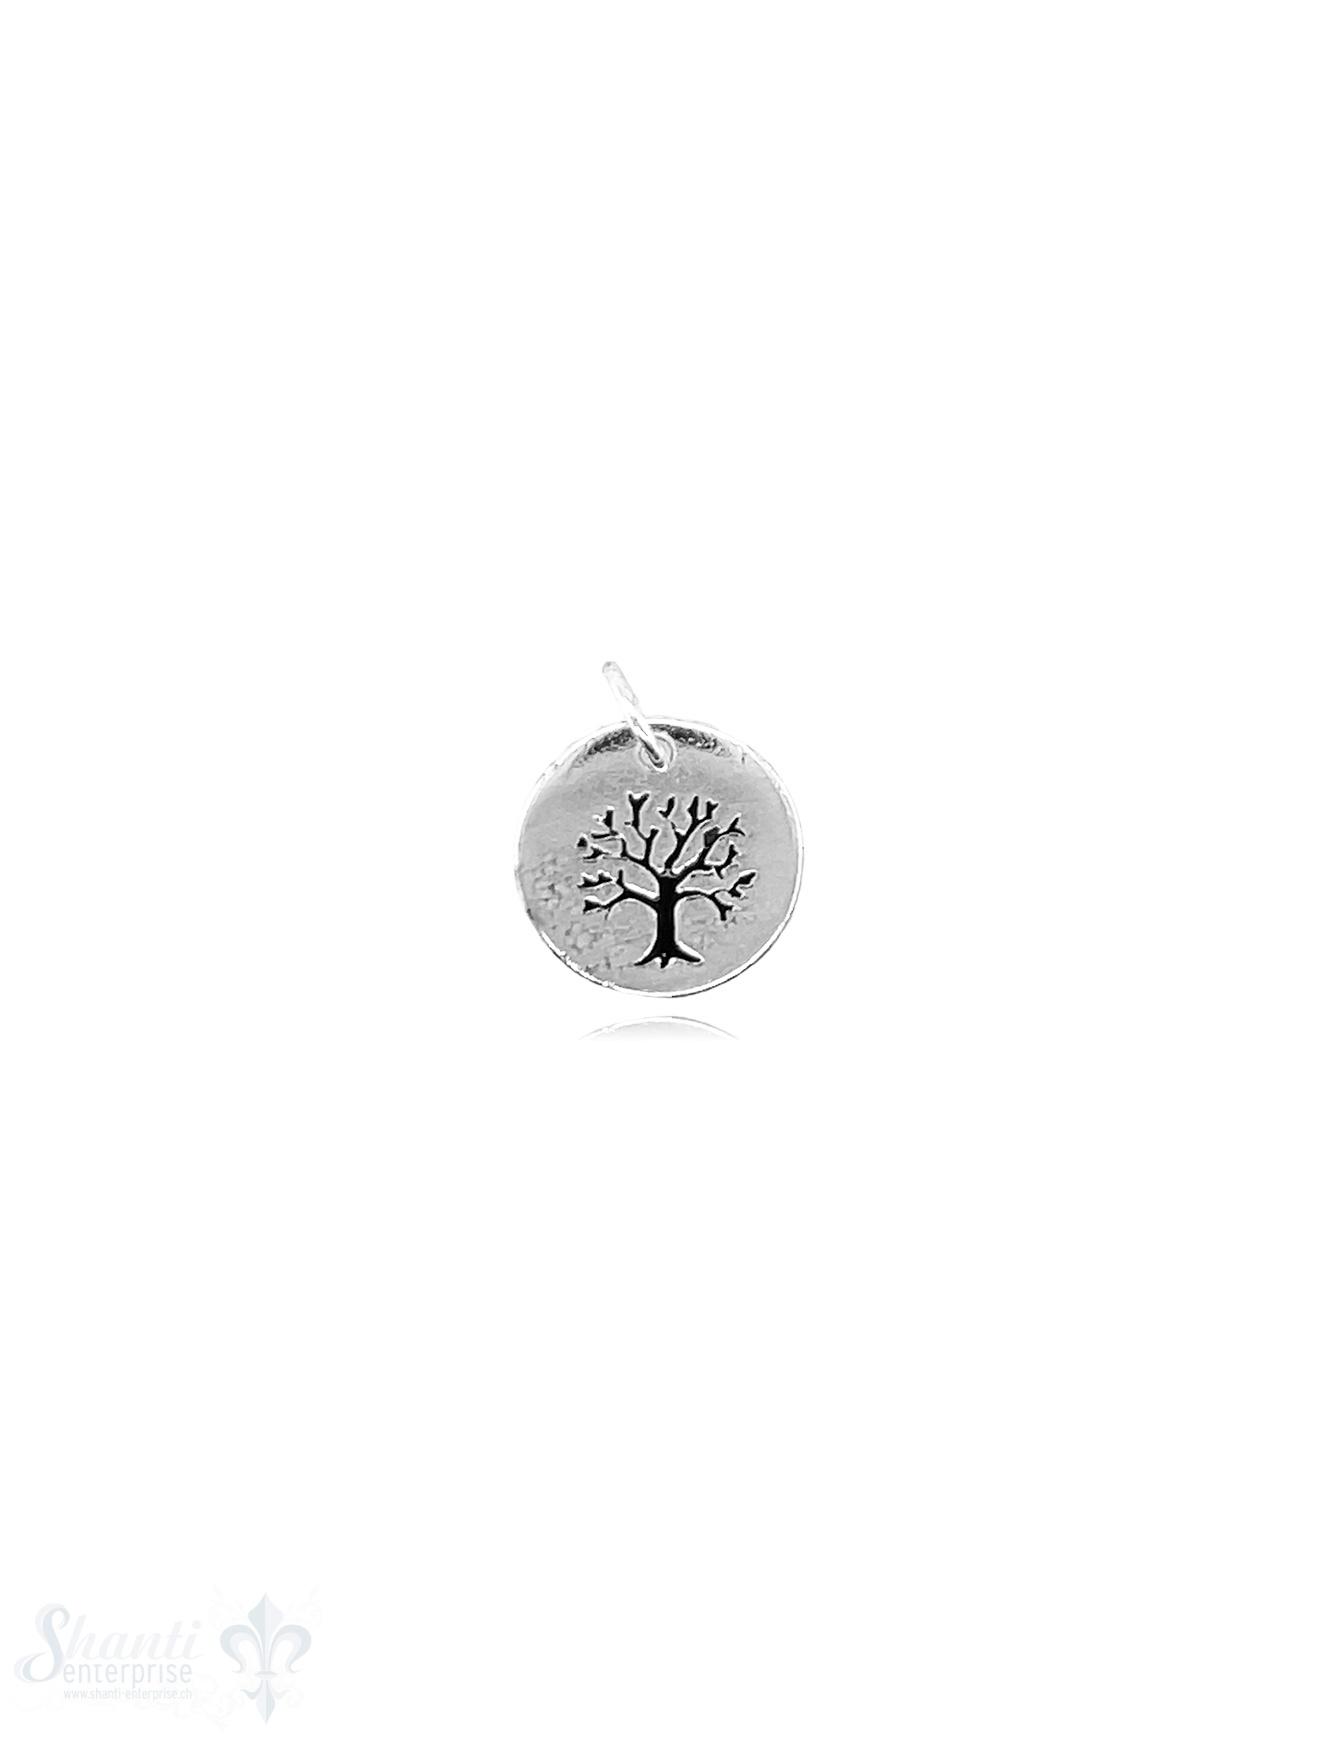 Si-Anhänger: Amulett rund mit Lebensbaum poliert D: 12 mm Dicke: 0.9